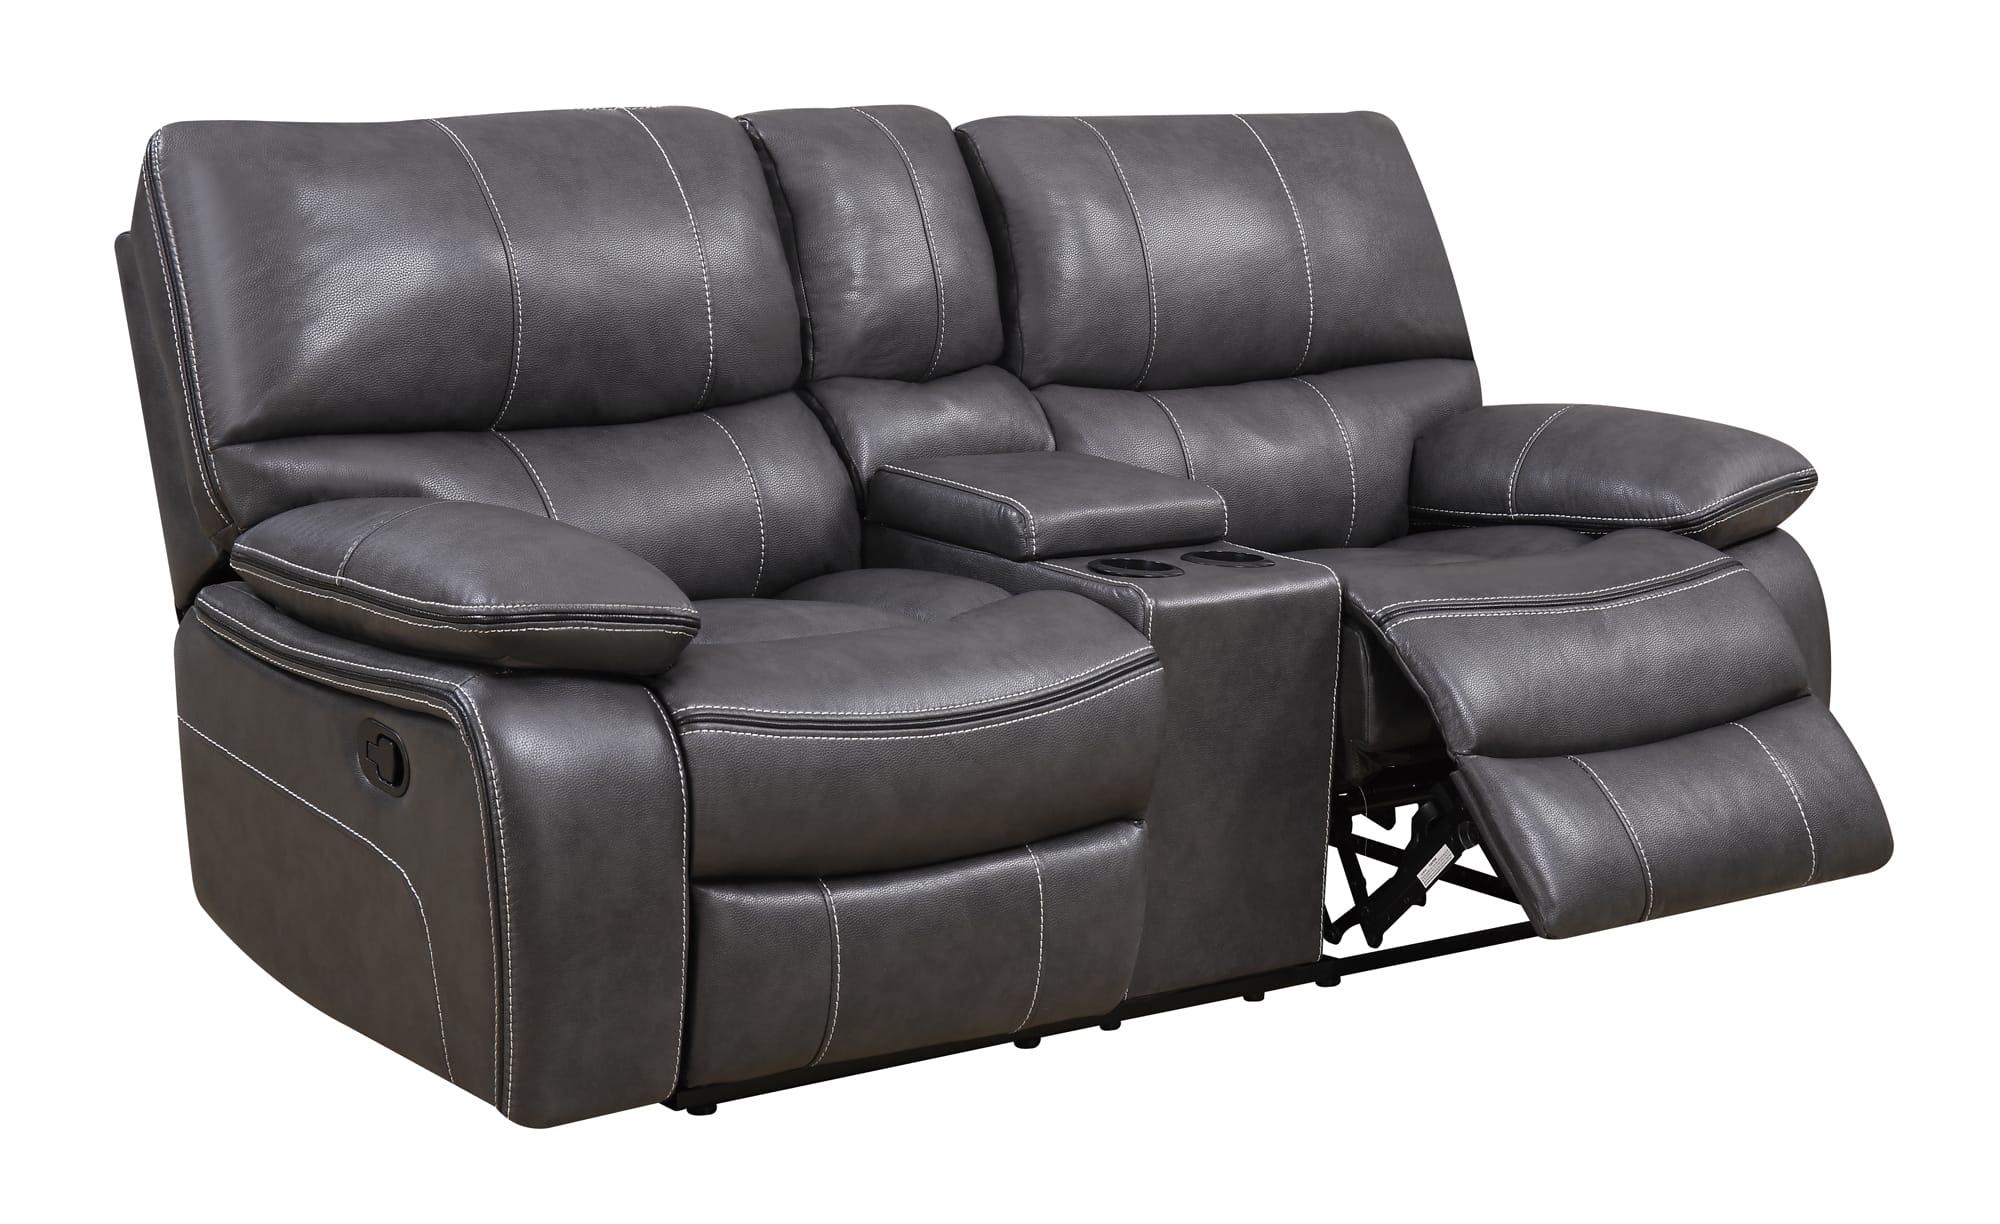 Tremendous U0040 Grey Black Leather Console Reclining Loveseat By Global Furniture Frankydiablos Diy Chair Ideas Frankydiabloscom